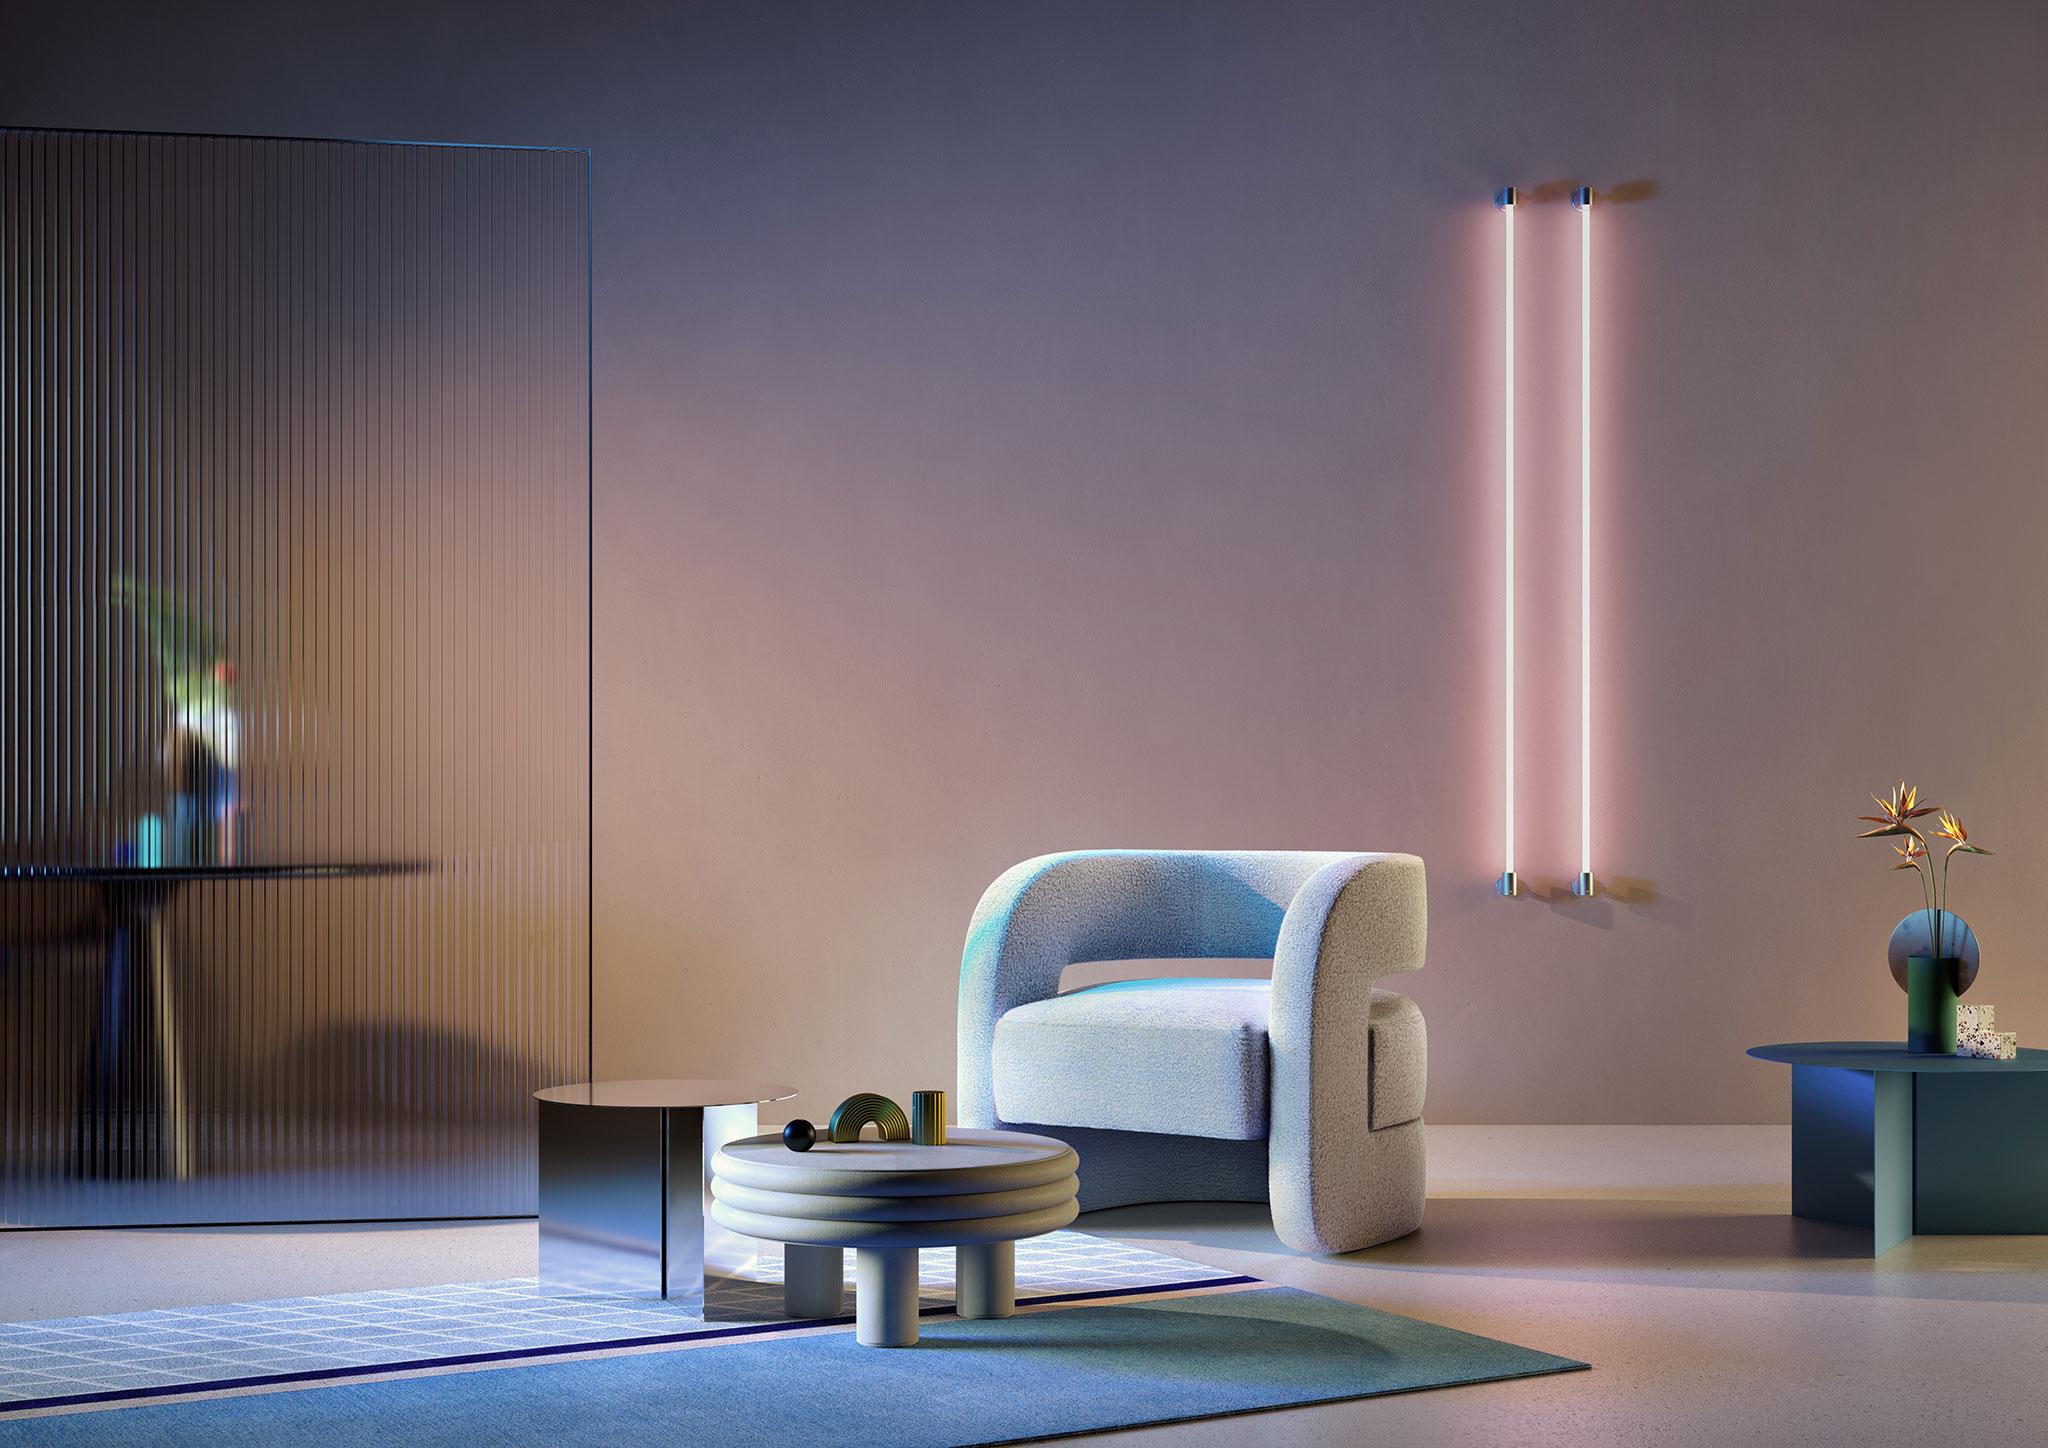 Le luci ciano e magenta calibrate e studiate ad hoc conferiscono alla scena un equilibrio perfetto tra caldo e freddo.